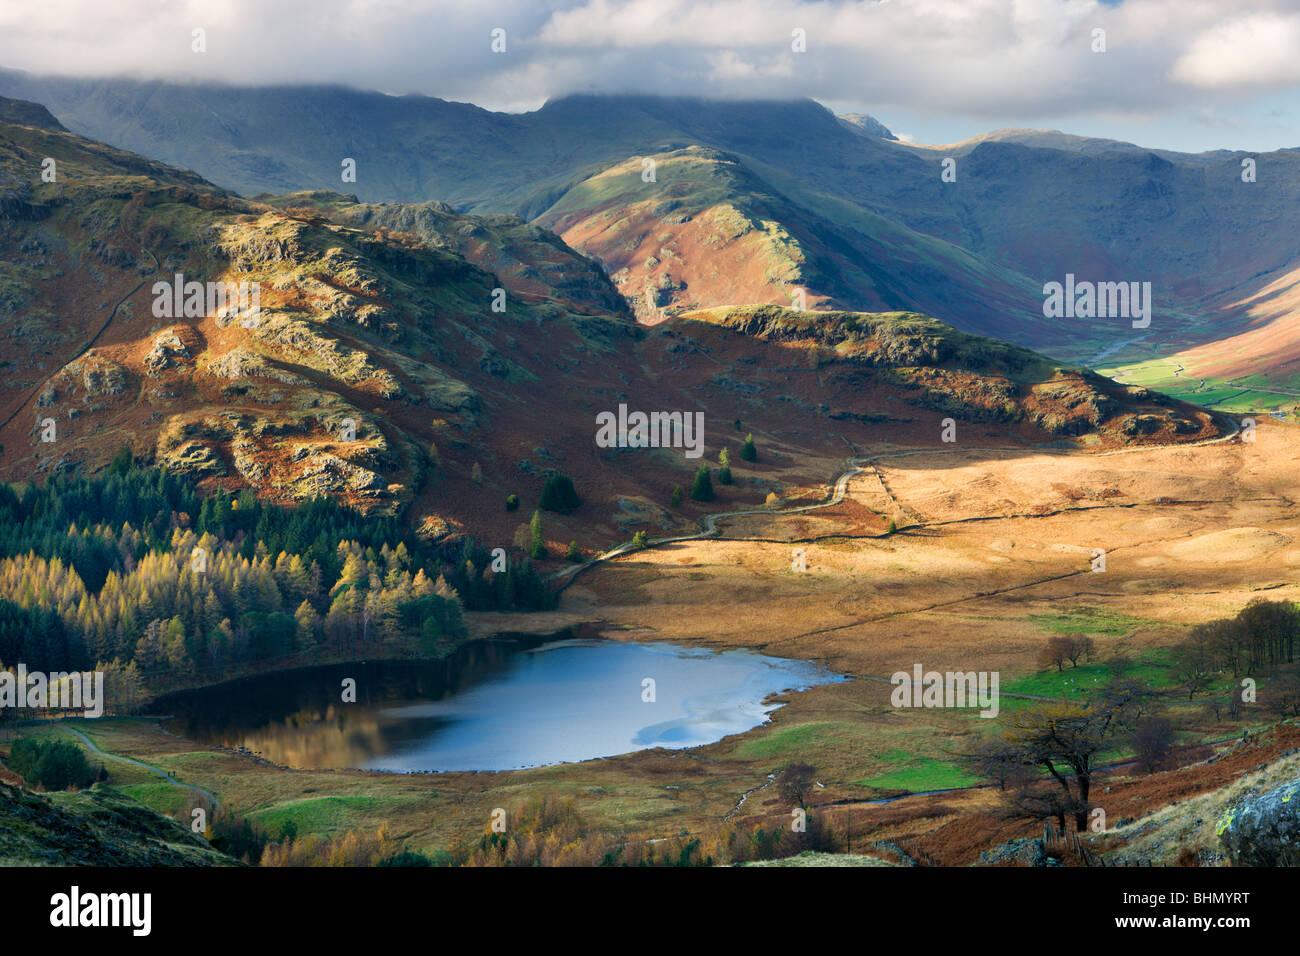 Blea Tarn e Wrynose cadde nel Parco Nazionale del Distretto dei Laghi, Cumbria, Inghilterra, Regno Unito. In autunno Immagini Stock